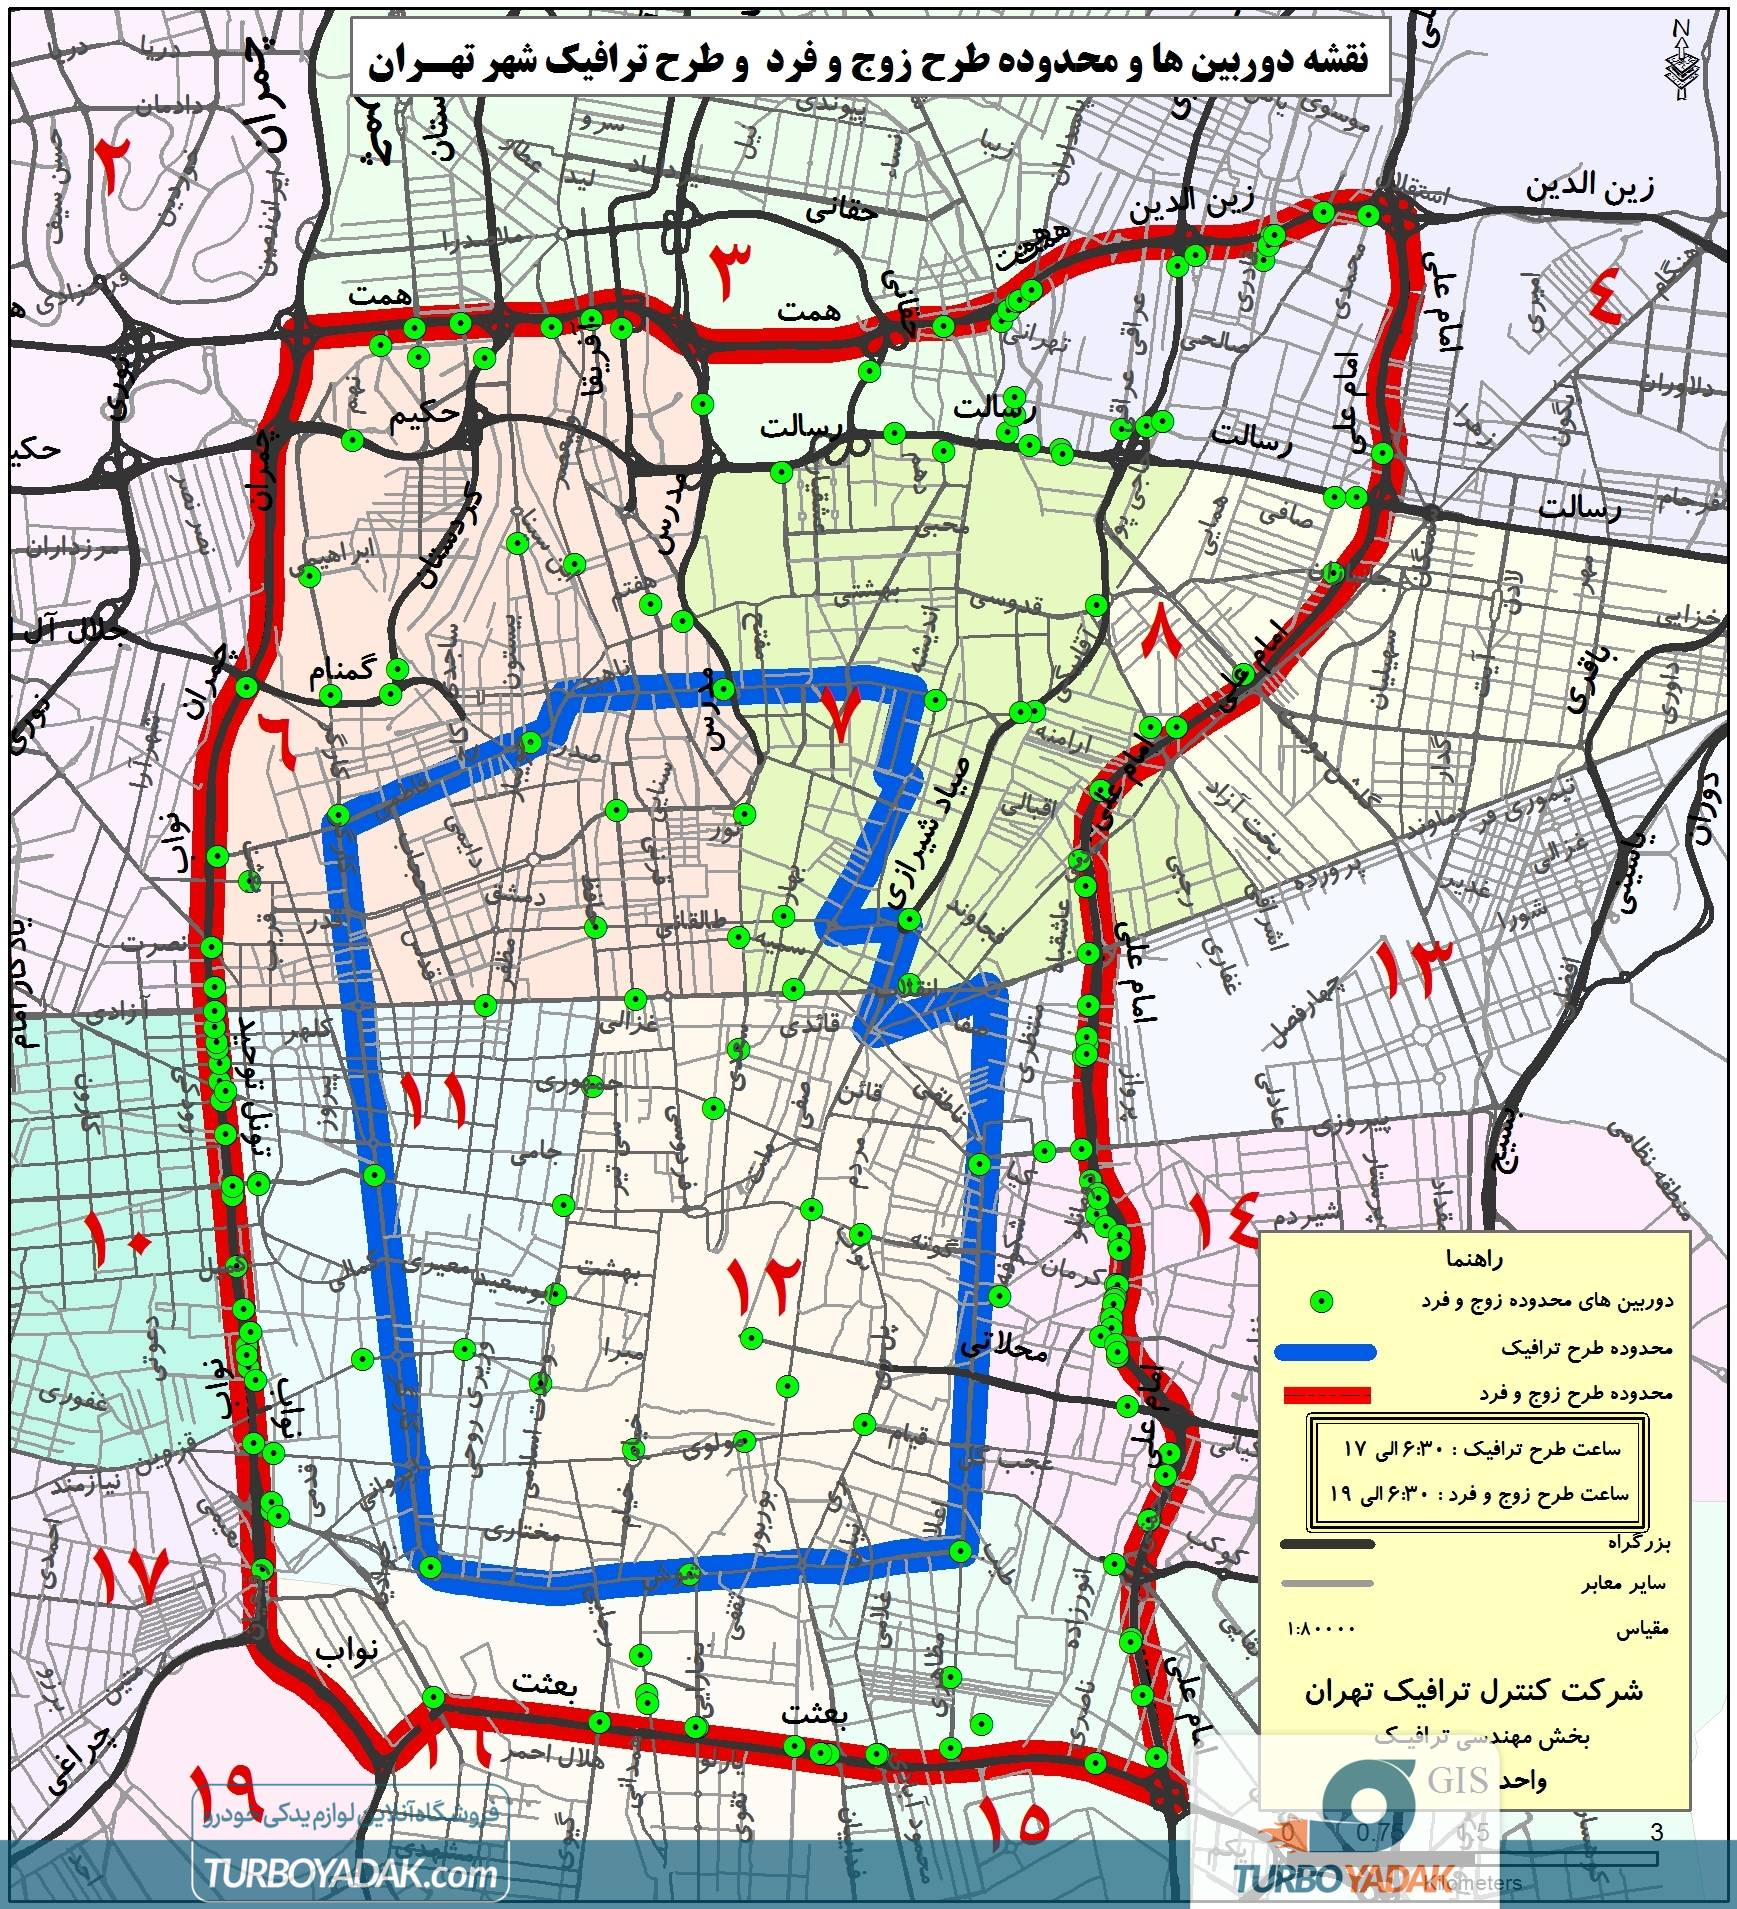 نقشه محدوده طرح زوج و فرد تهران